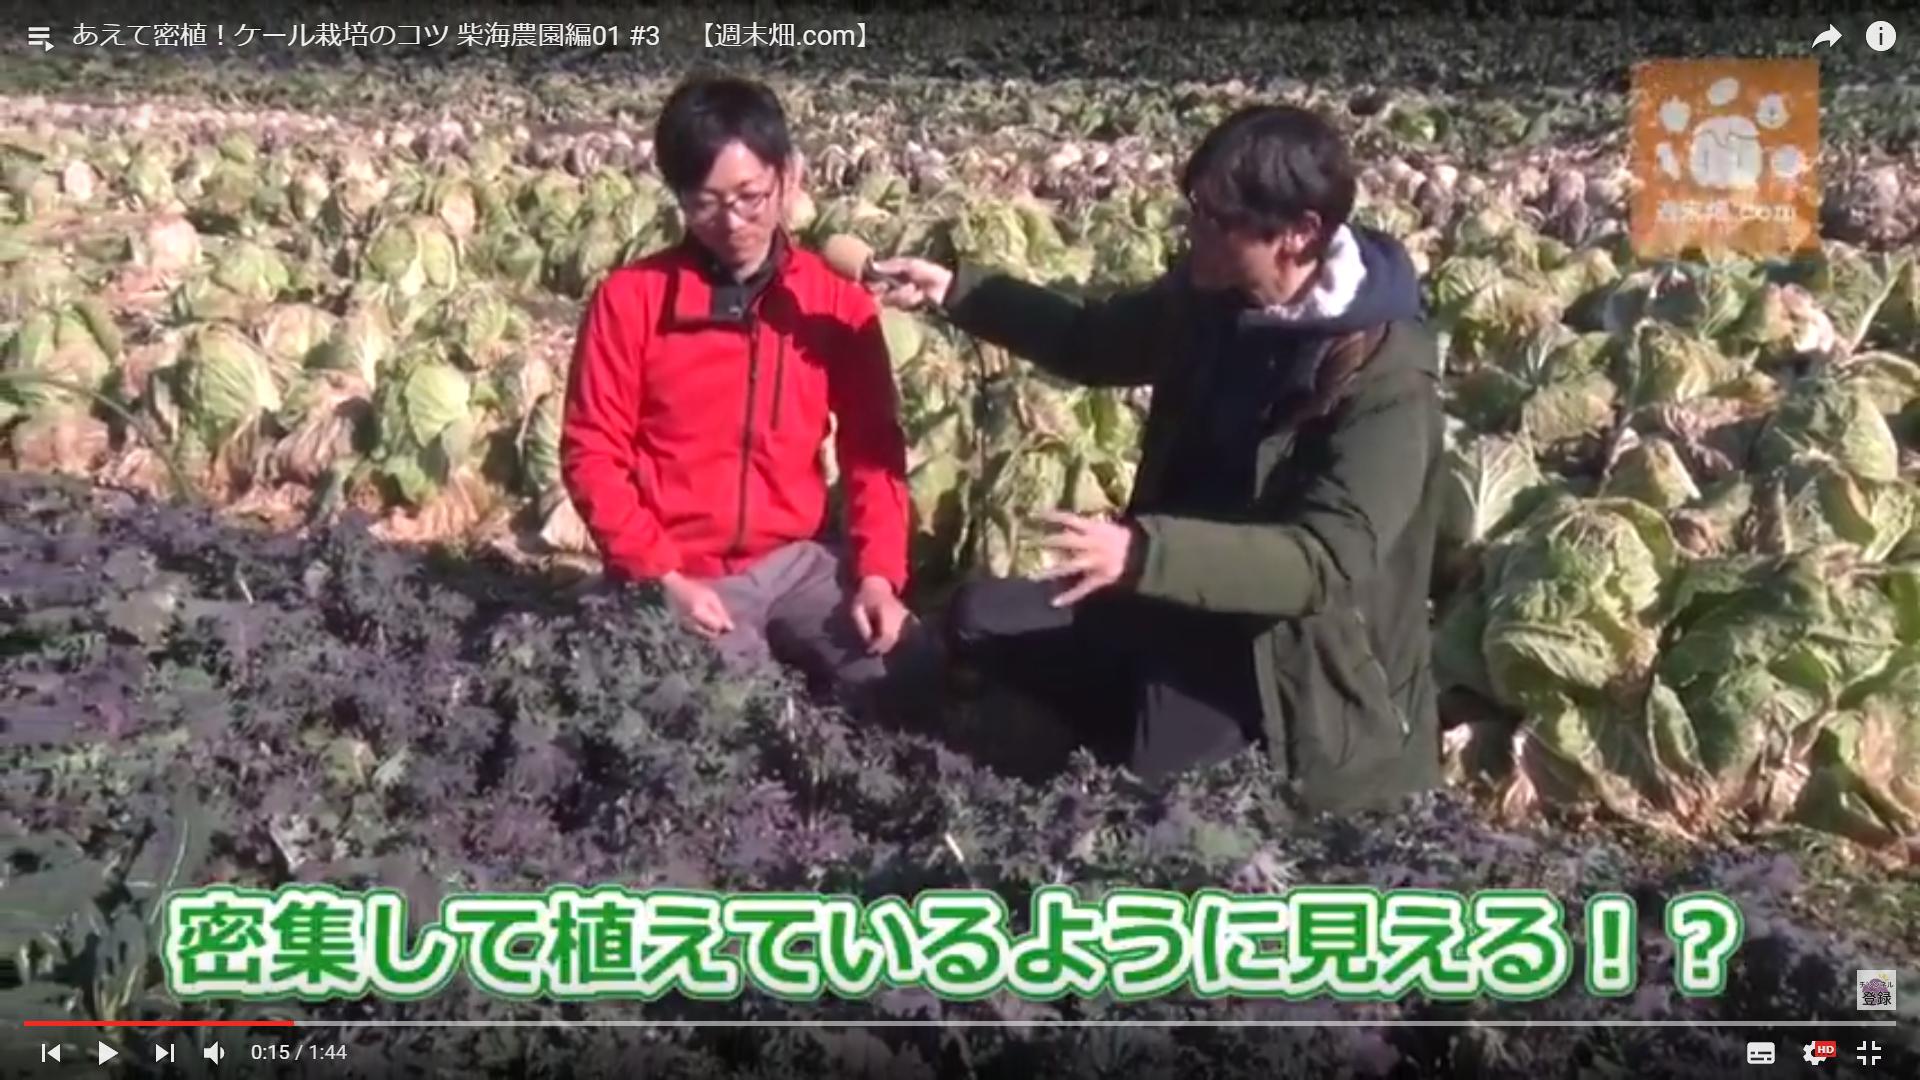 色々な野菜を植えることでリスク分散の効果がある